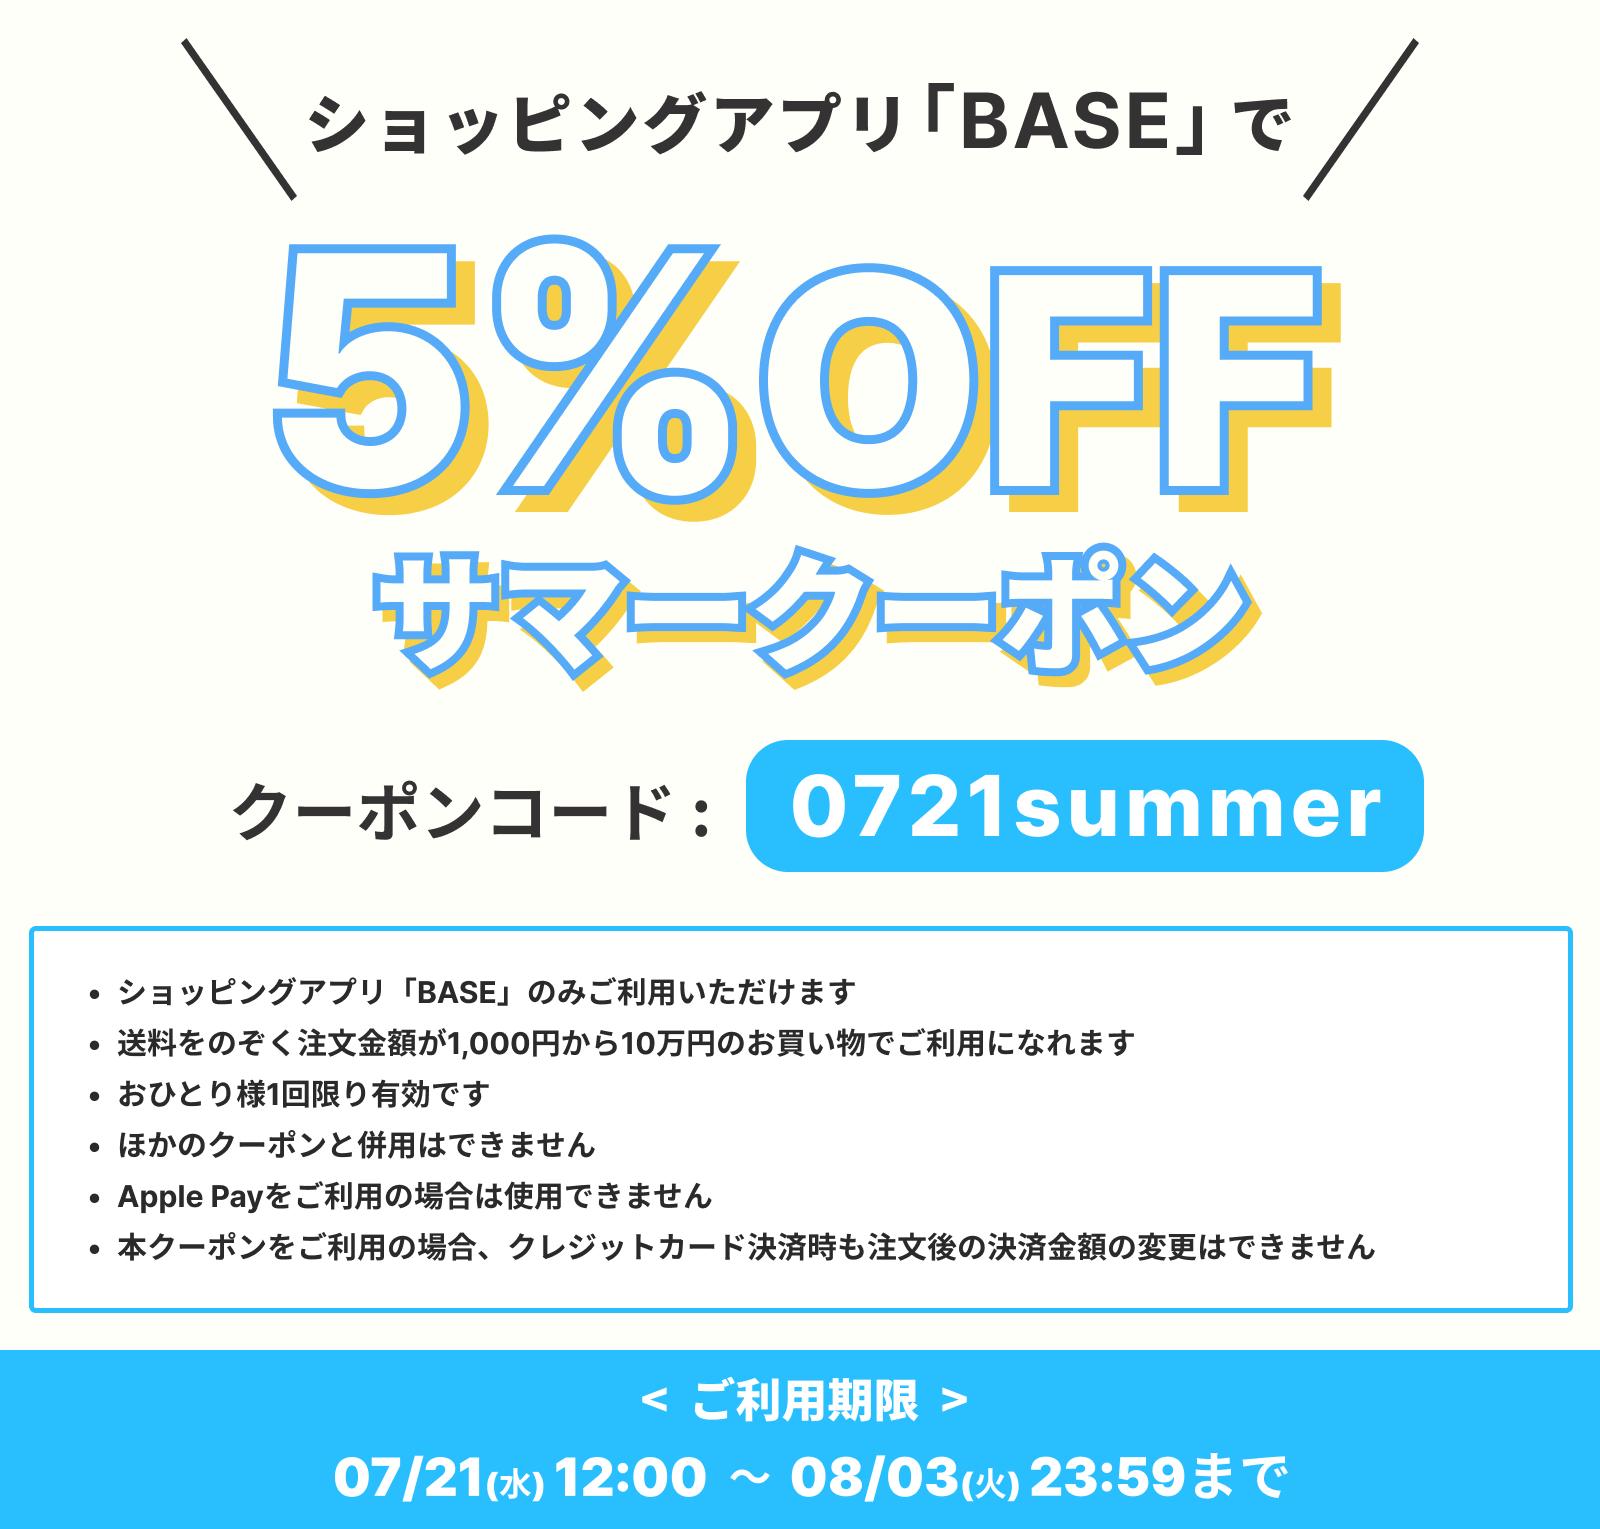 【8/3(火)まで開催】アプリ『BASE』にて10万円までの商品へクーポンをご利用いただけます